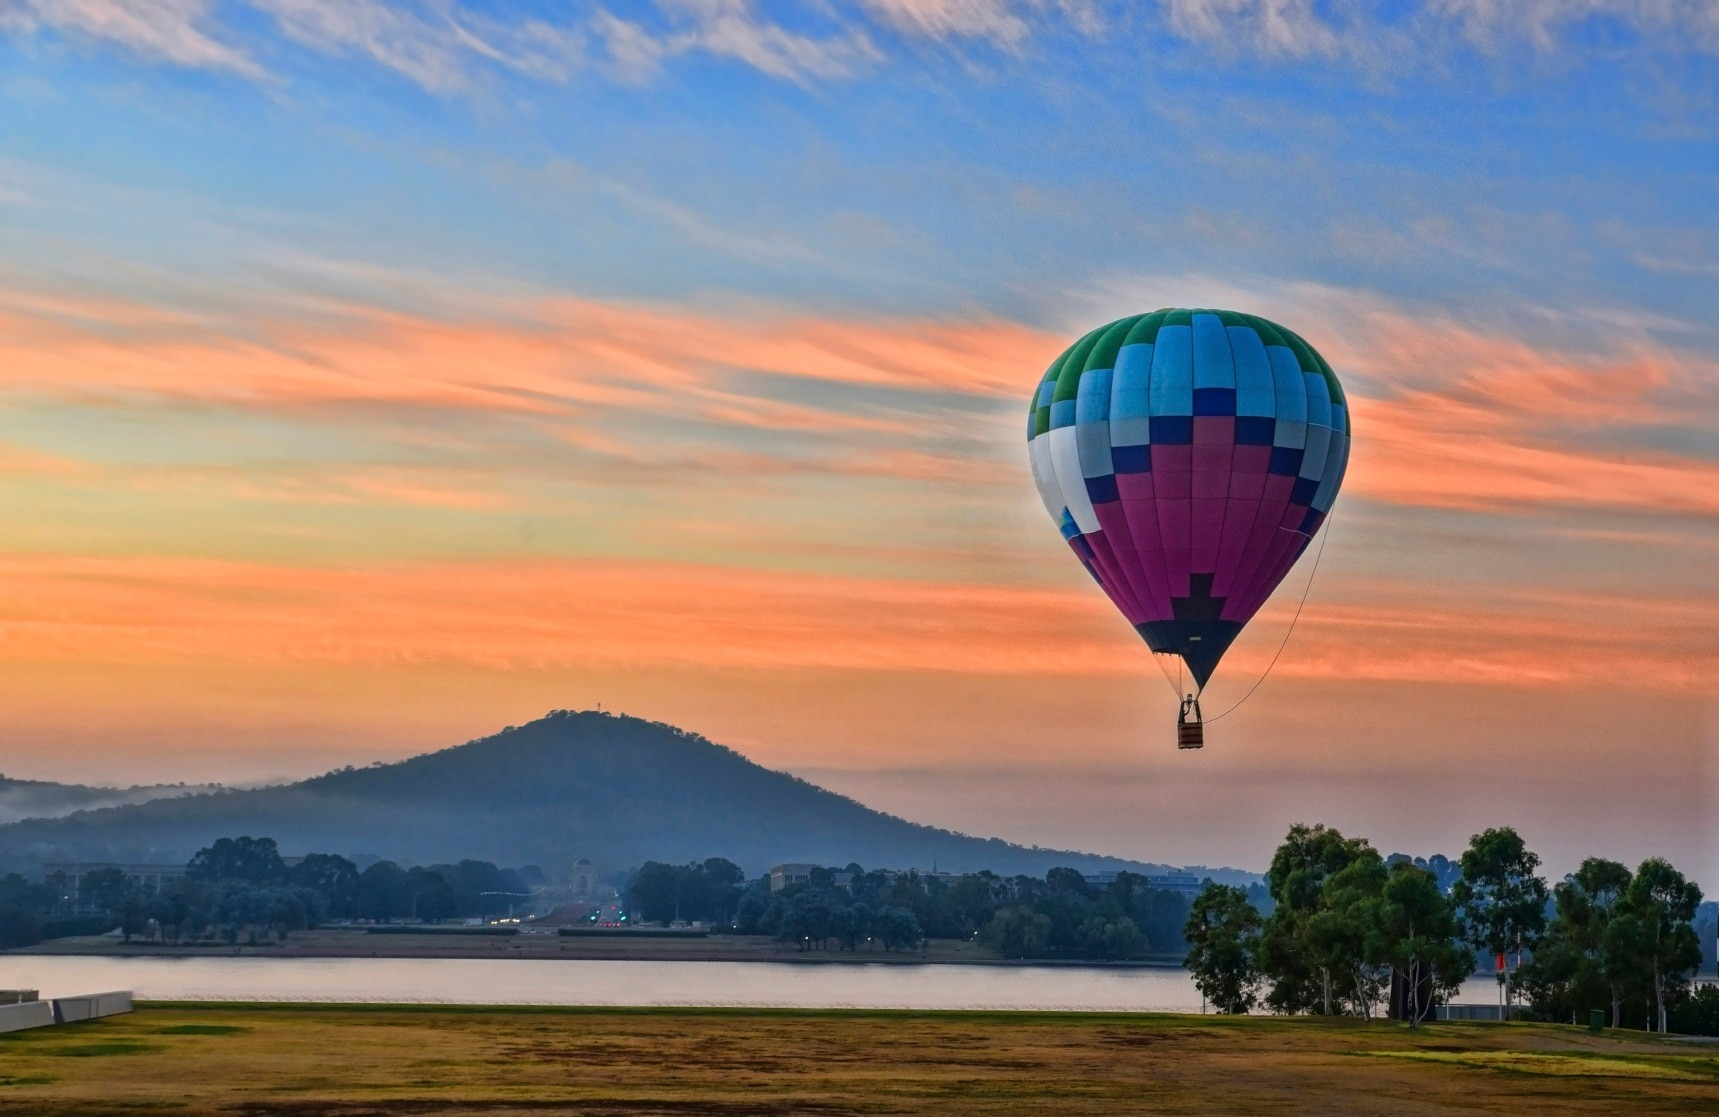 Fotografía de un globo aerostático subiendo y bajando como los precios con la inflación y la deflación BBVA